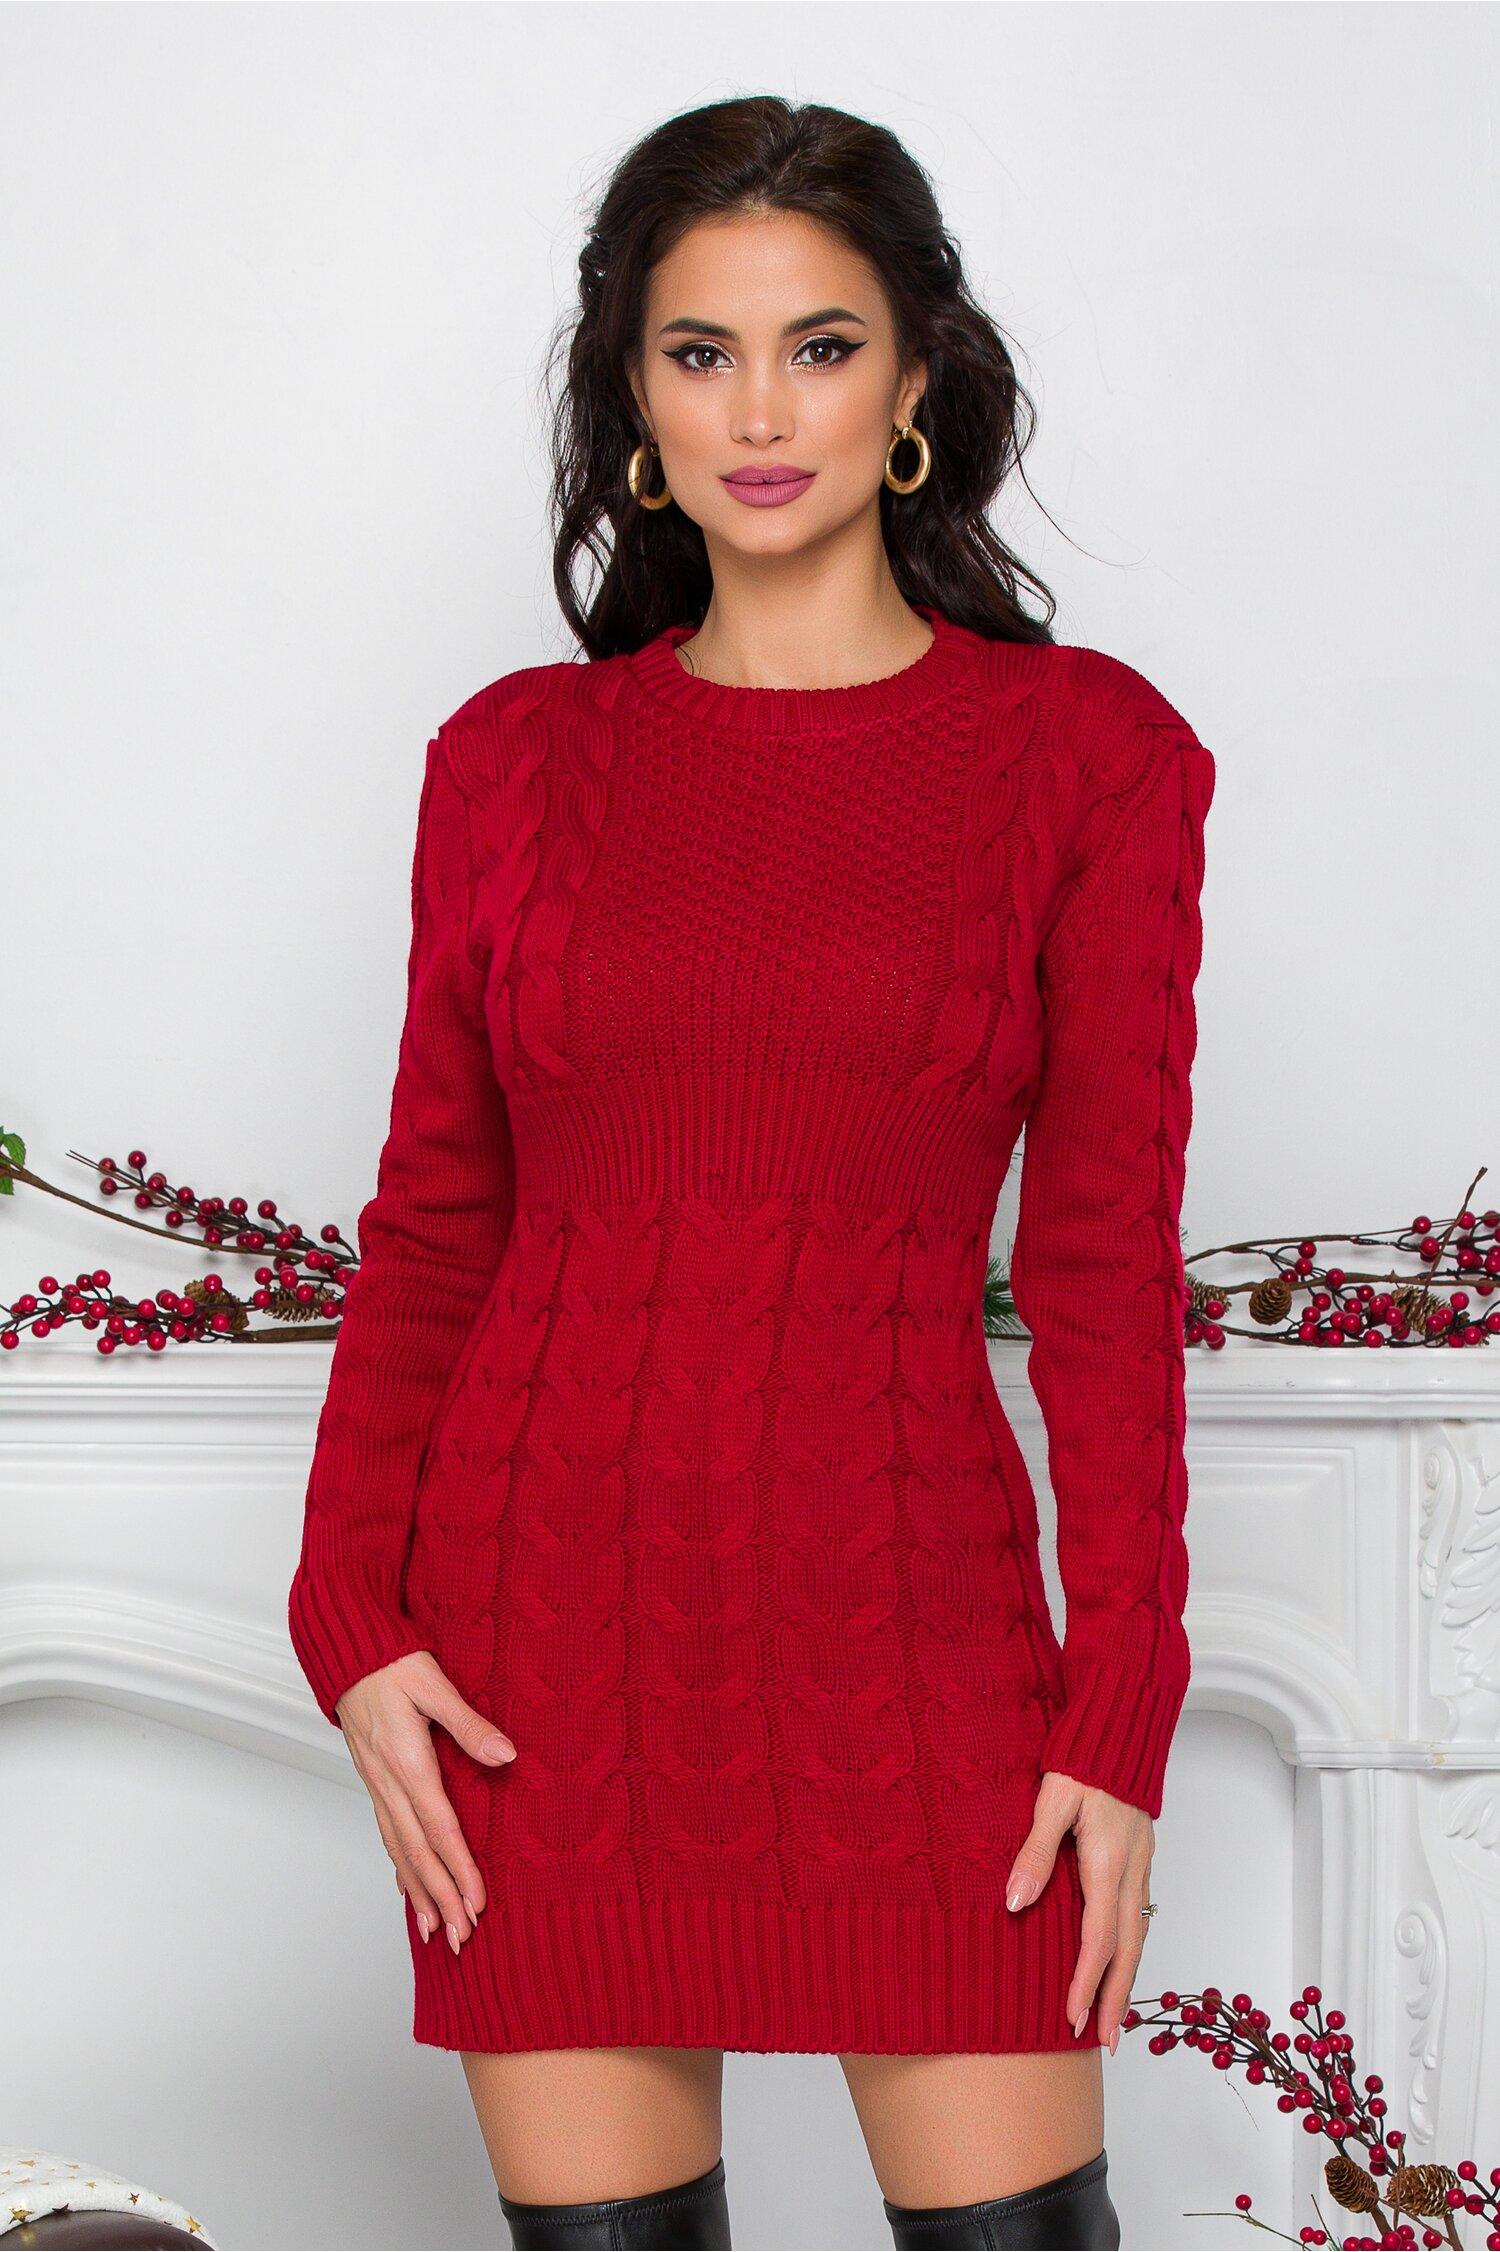 Rochie Tara bordo din tricot cu design impletit